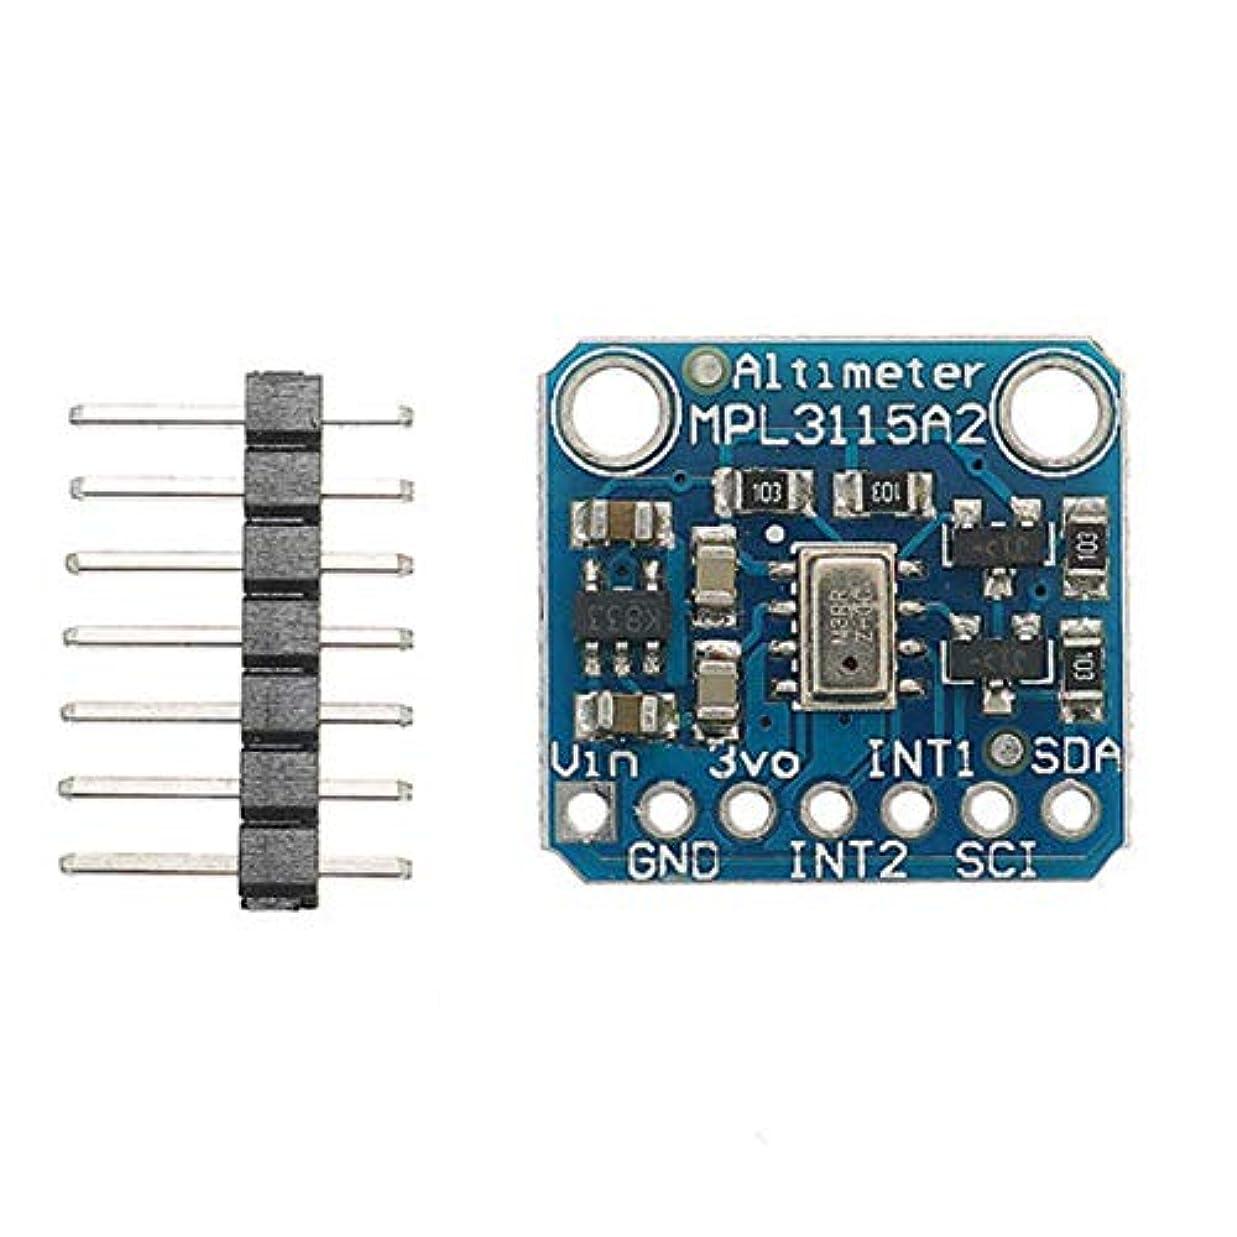 宣言する睡眠スリットArduino用Intercorey MPL3115A2インテリジェント温度気圧高度センサーV2.0